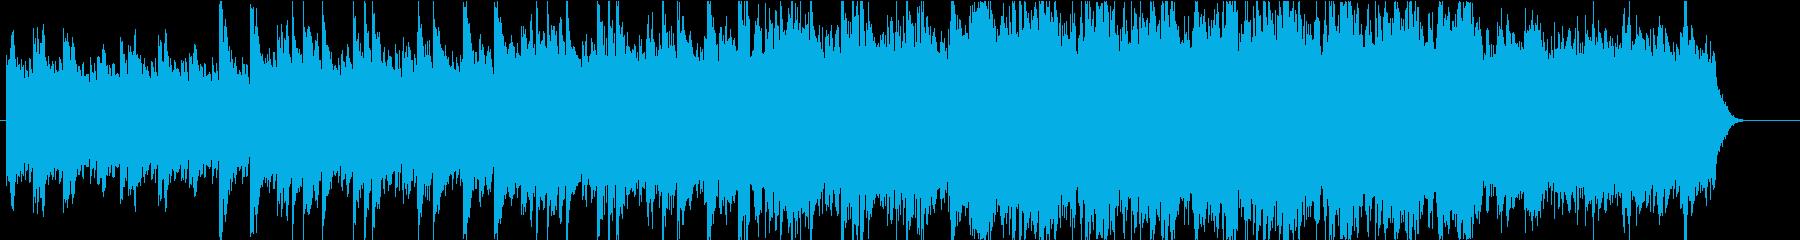 壮大・飛躍・爽やかな印象のピアノBGMの再生済みの波形